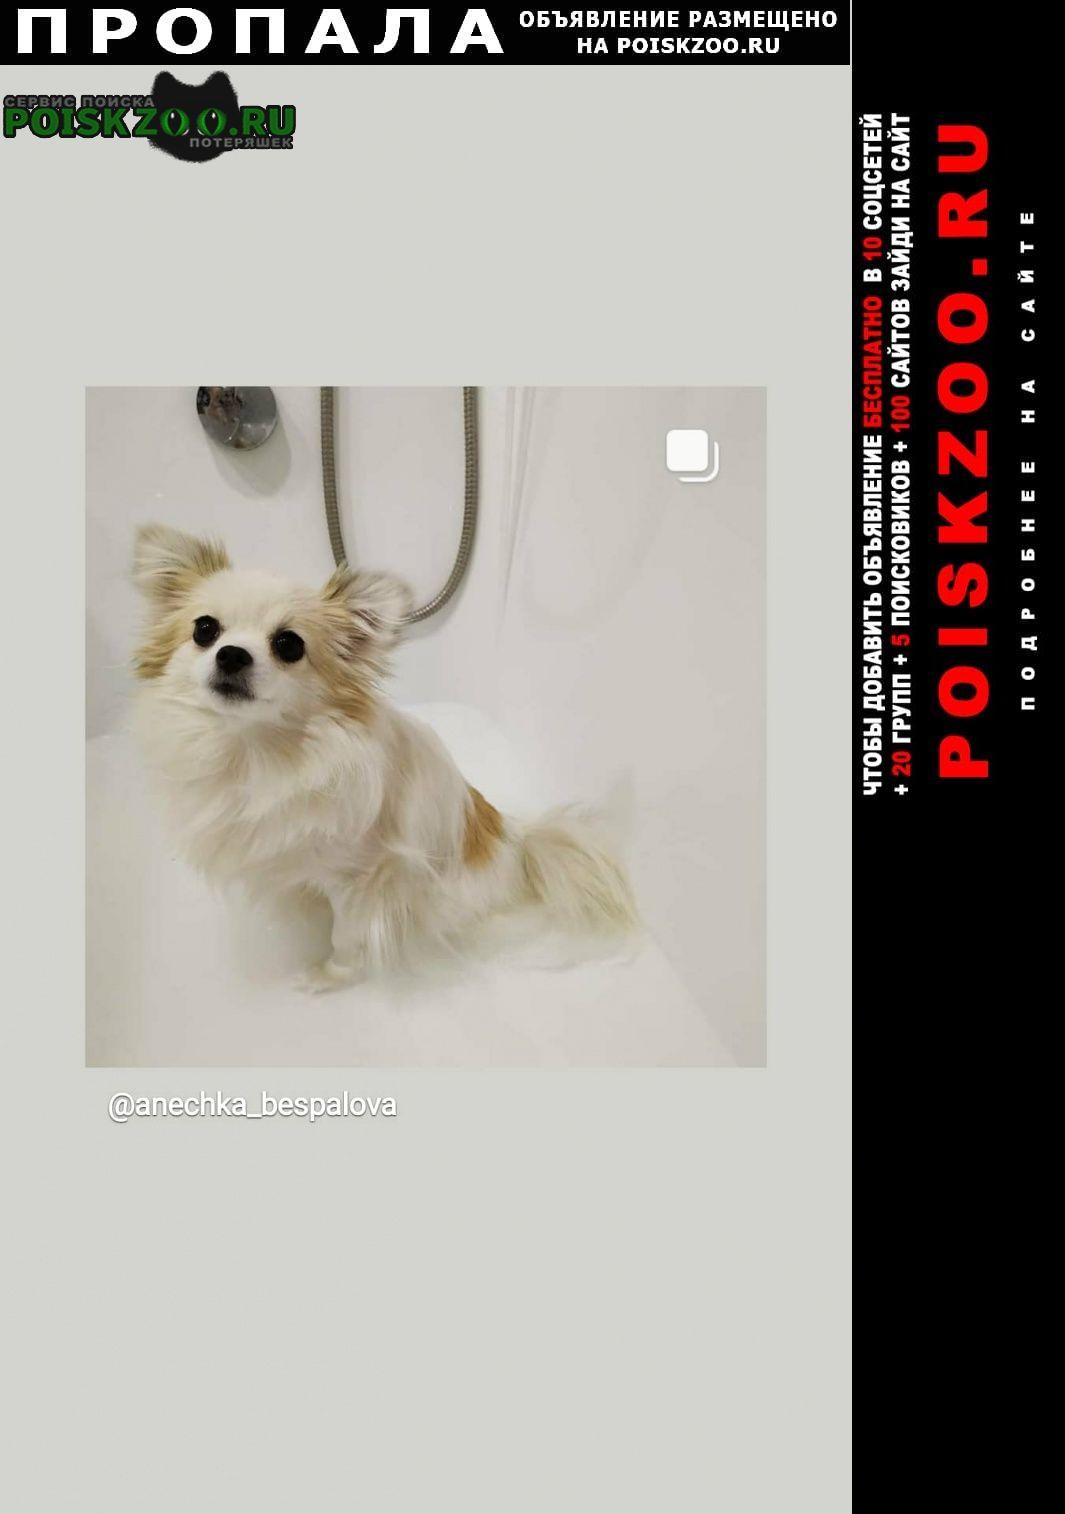 Пропала собака потерялась Томск